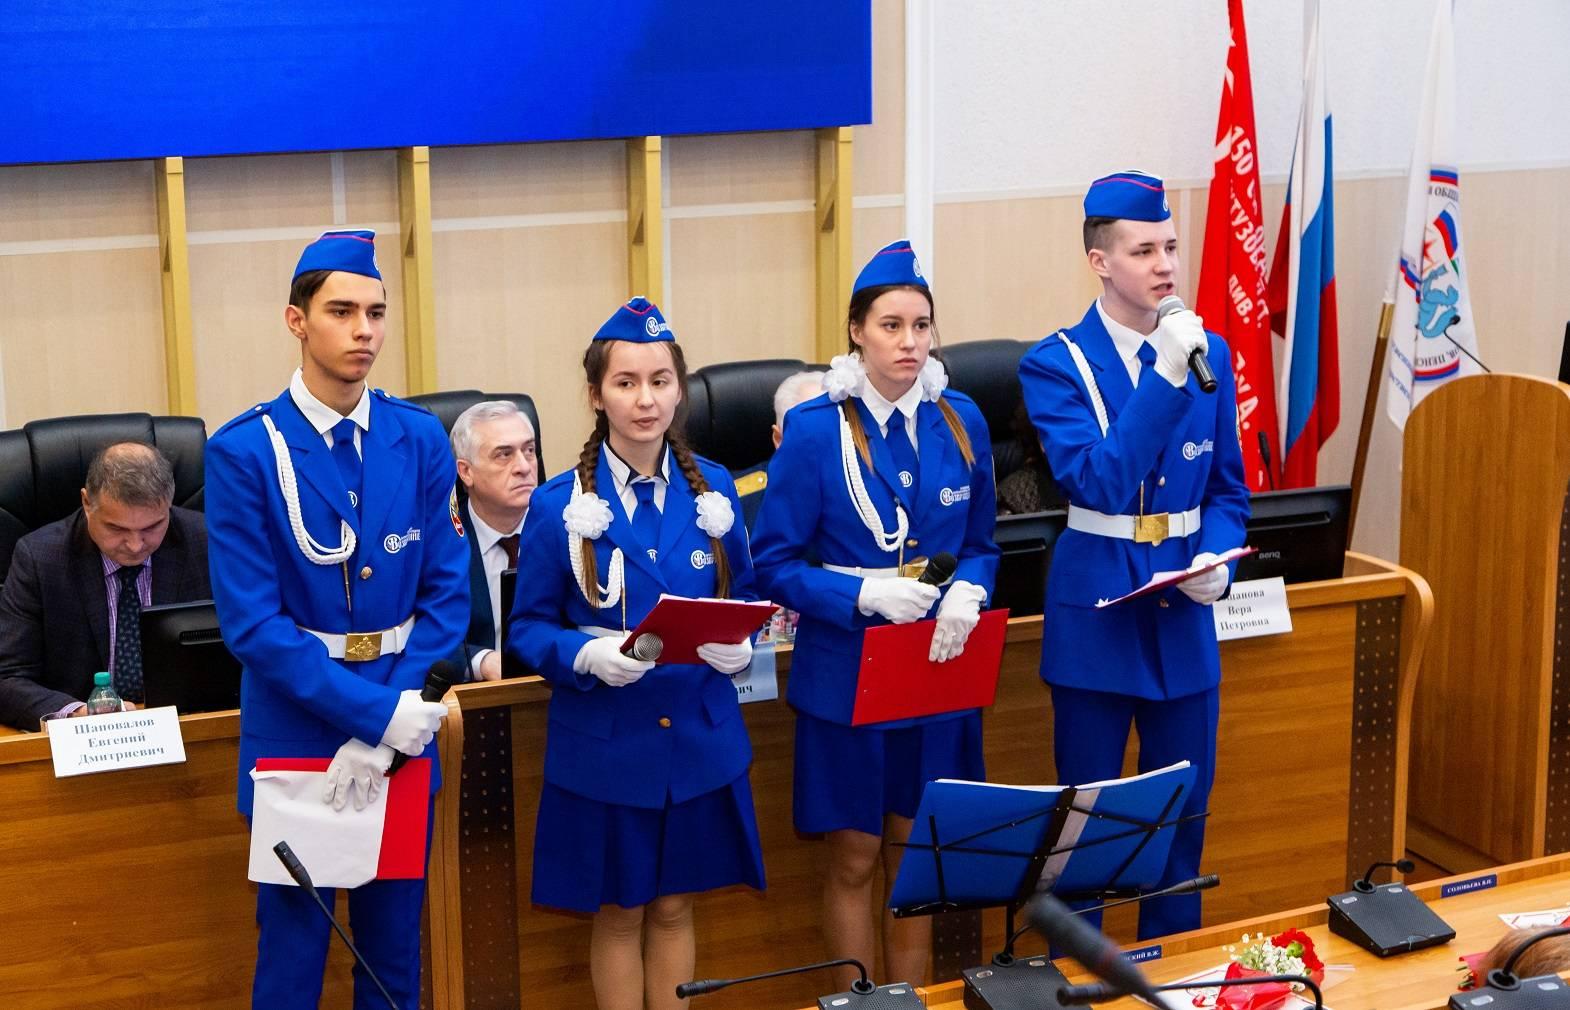 Молодежь должна знать, какой ценой была снята блокада Ленинграда